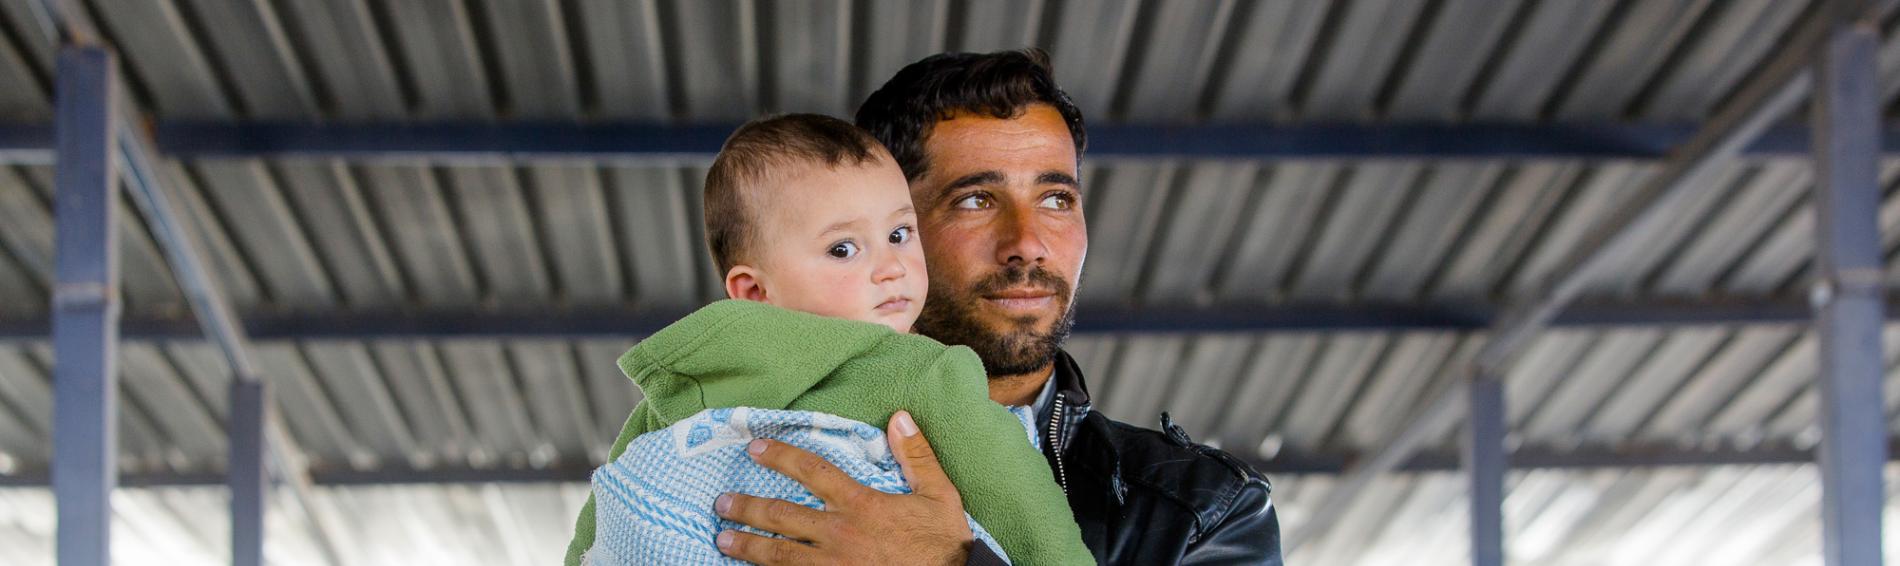 Ärzte der Welt setzt sich für syrische Flüchtlinge in Jordanien ein. Foto:Thierry duBois